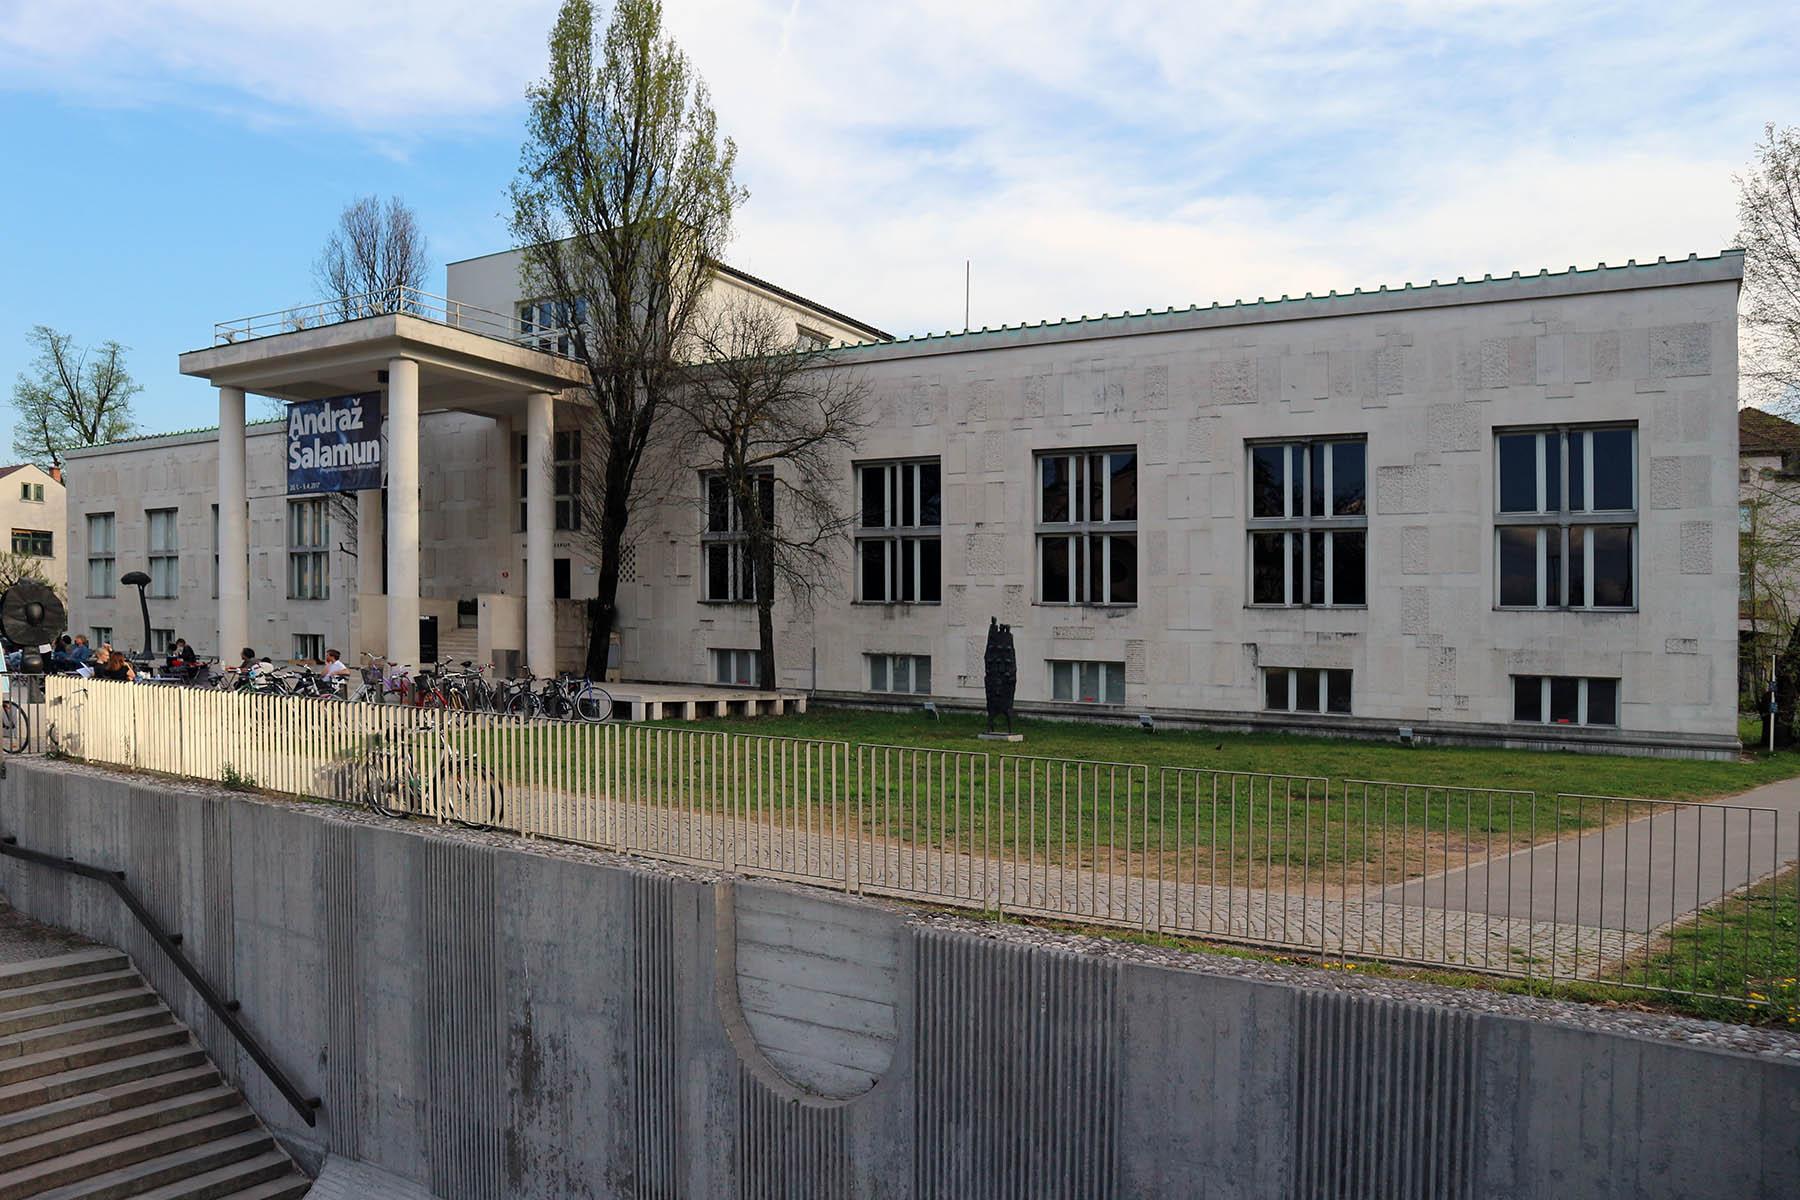 Museum für Moderne Kunst.  Der Bau ist Ravnikar's erstes bedeutendes Werk in Ljubljana und das erste modernistische Gebäude des Landes. Das Museum hat ein einfaches geometrisches Design. Die verschieden großen Ausstellungsräume befinden sich ausschließlich im Erdgeschoß entlang einer streng symmetrisch angeordneten Achse. Verwaltung, Bibliothek und Archive befinden sich im oberen Geschoss, die Werkstätten im Untergeschoss.